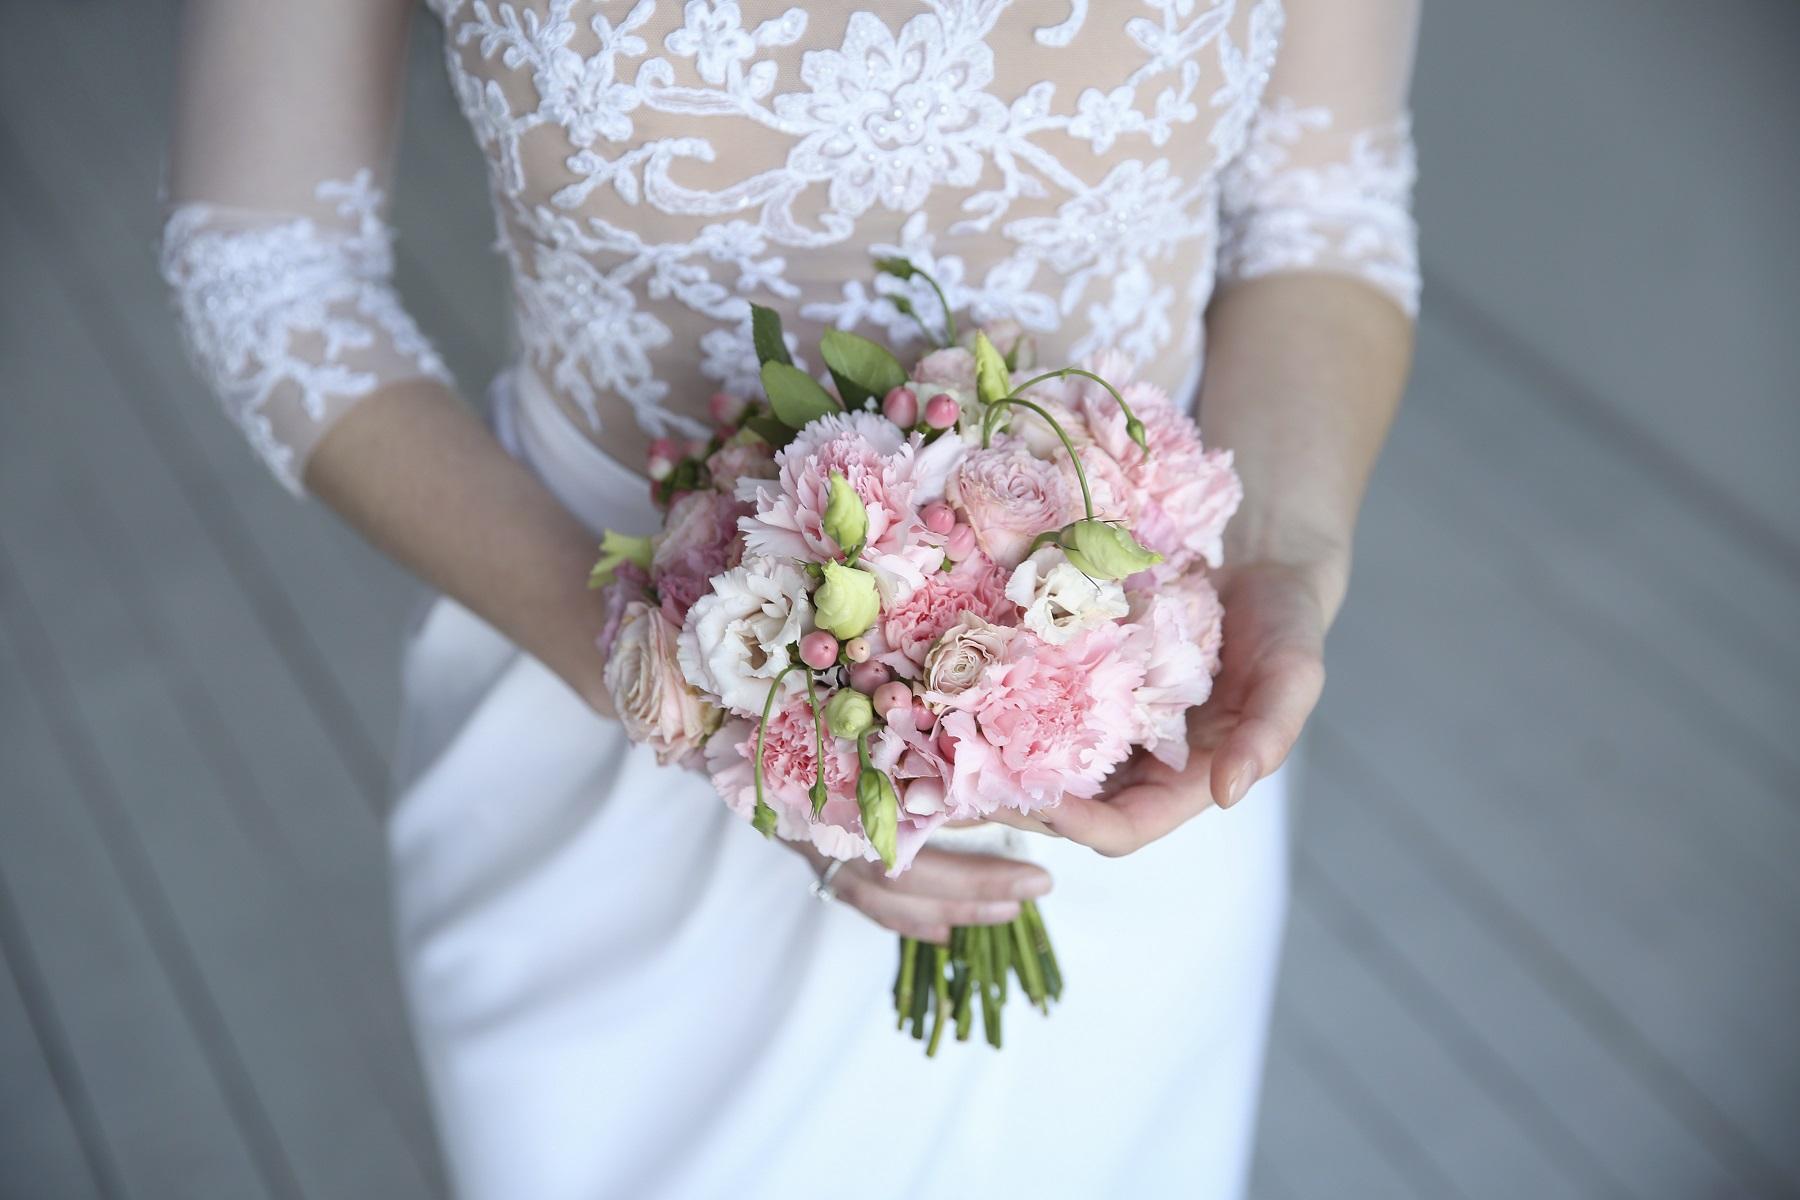 YES Eventi - la nuova idea di matrimonio 43db025f625